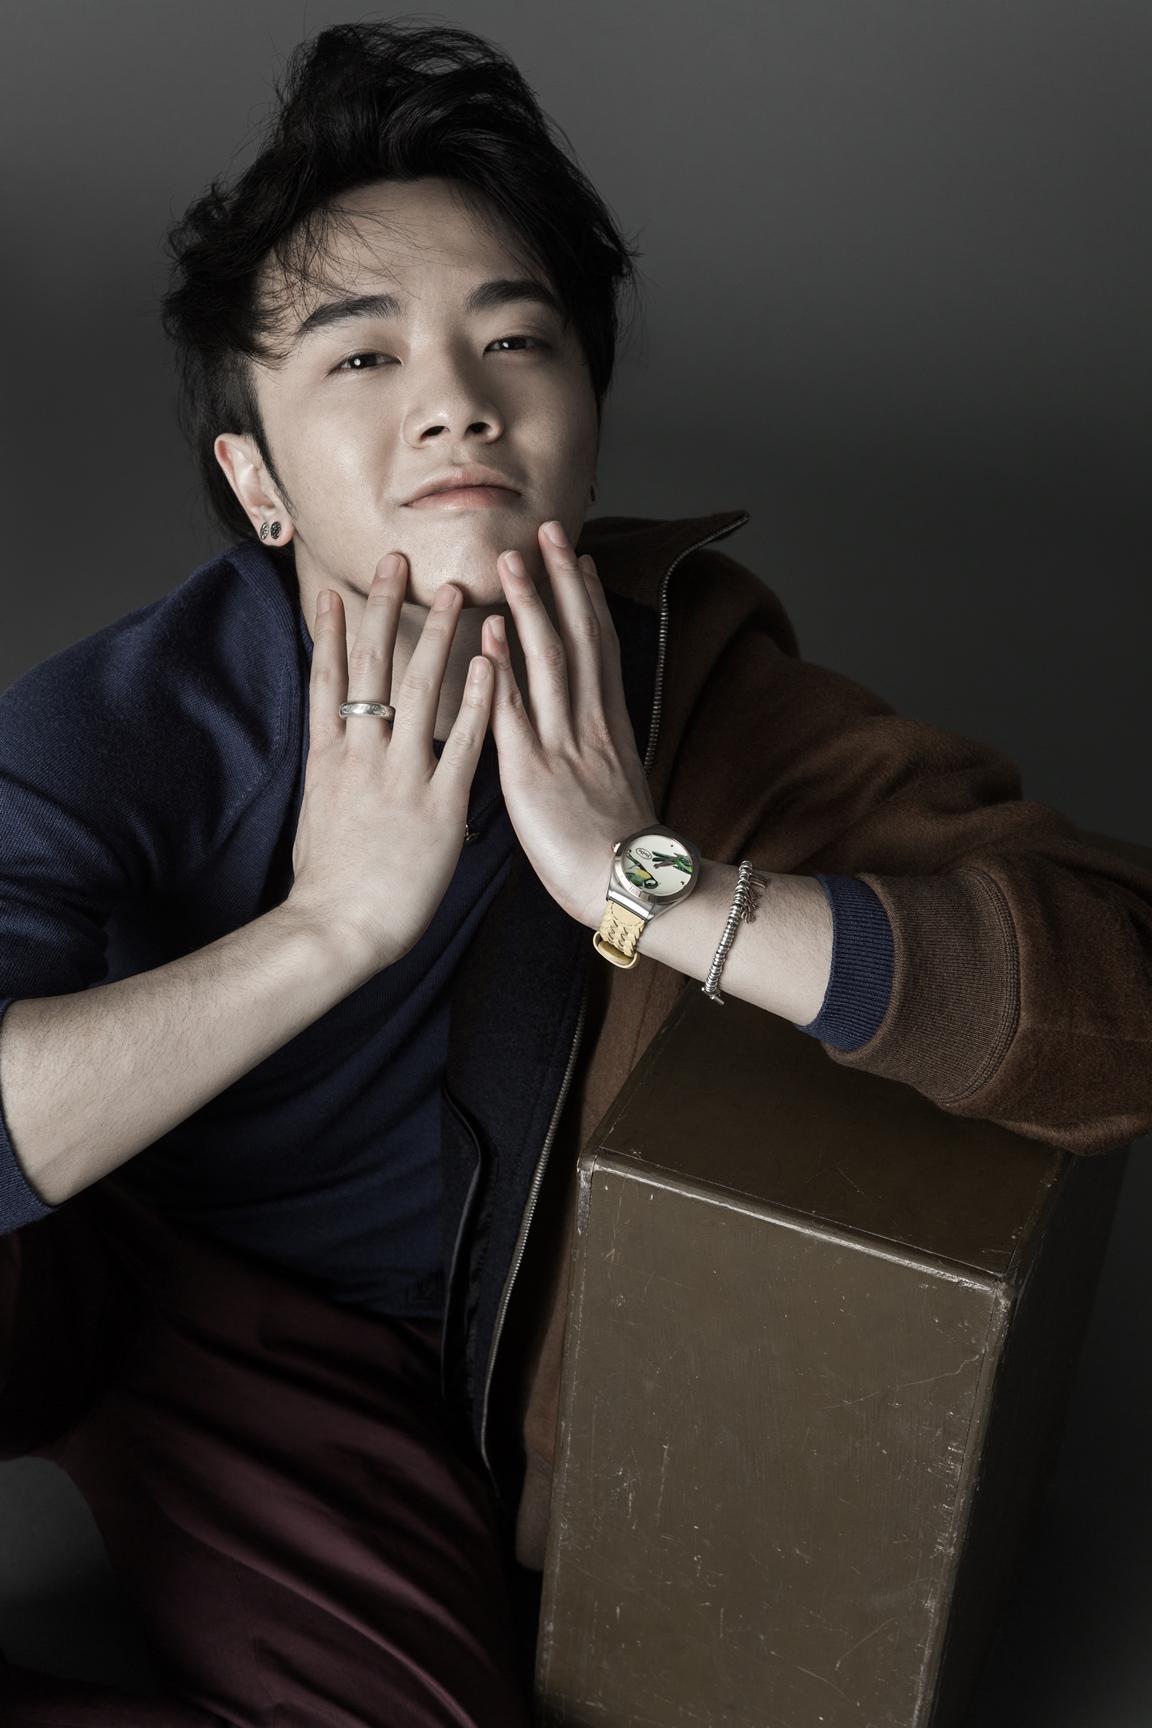 近期,华晨宇以中国新生代音乐人代表,接受l